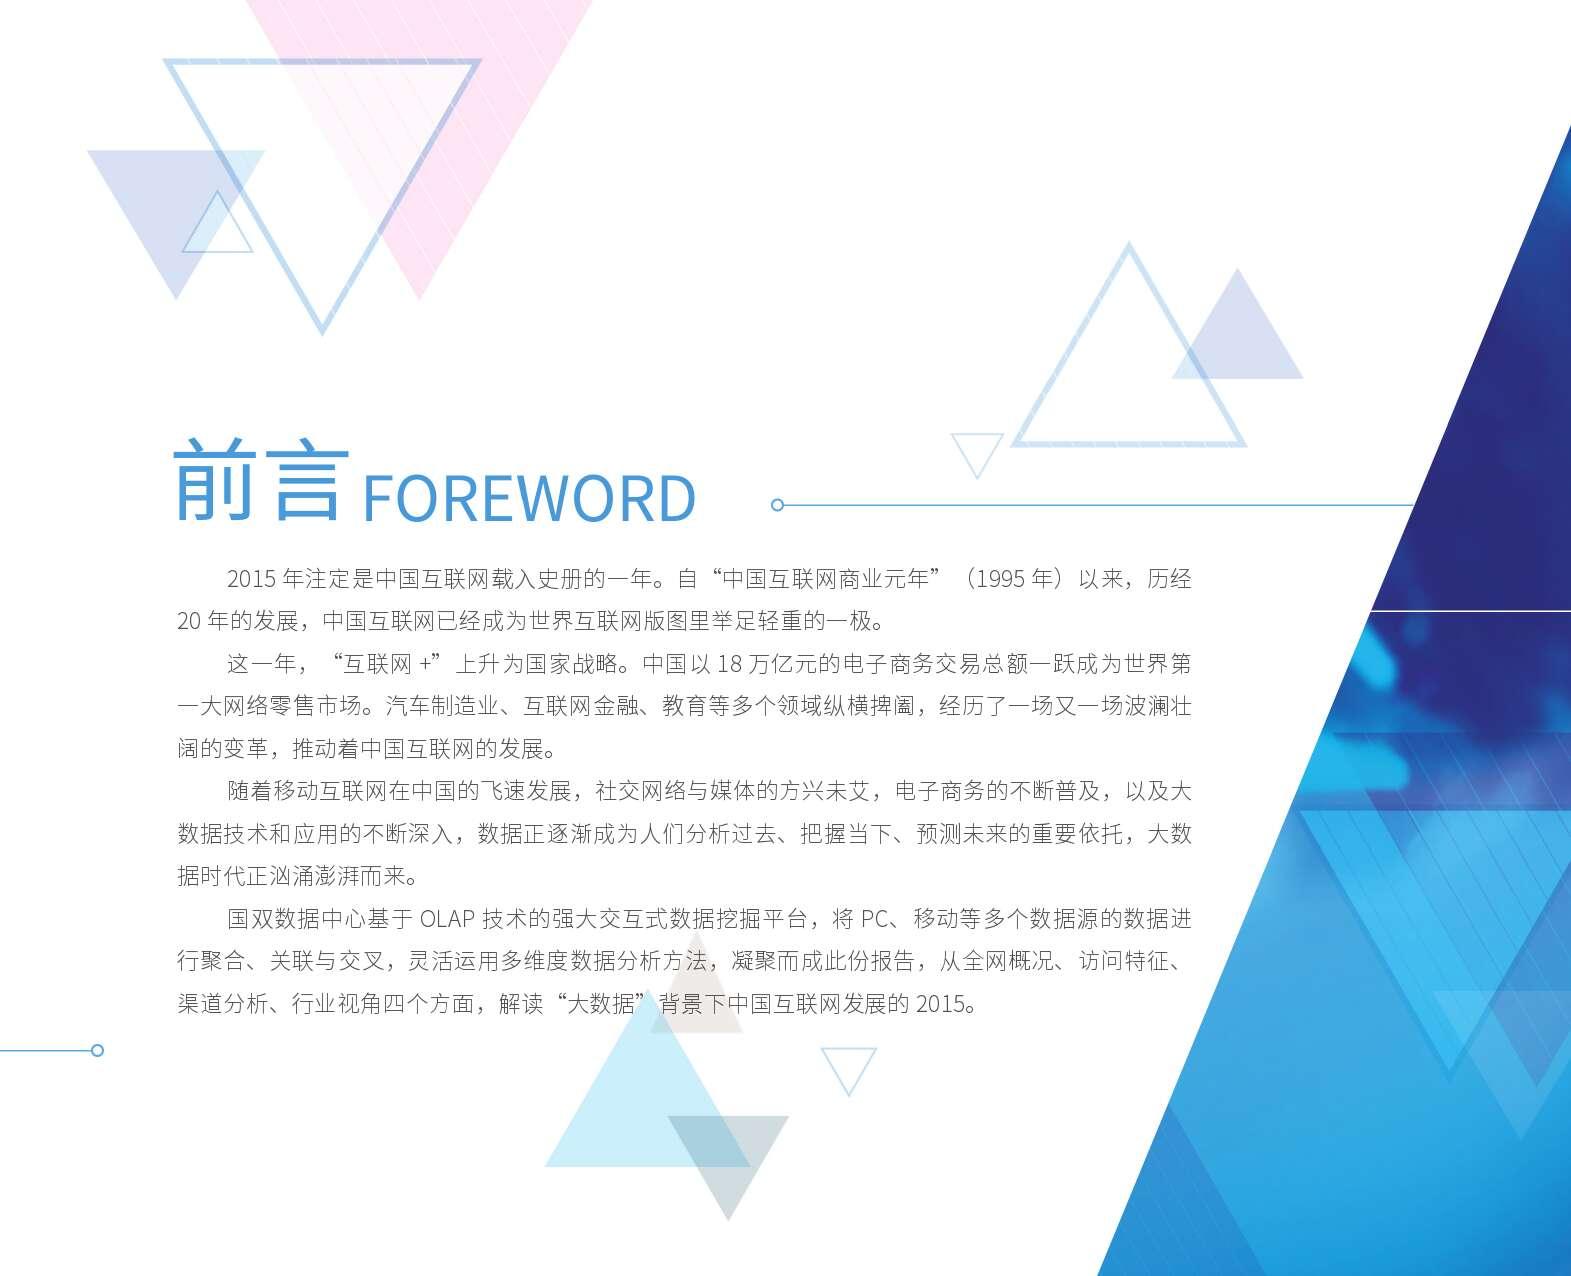 2015中国互联网发展报告_000004